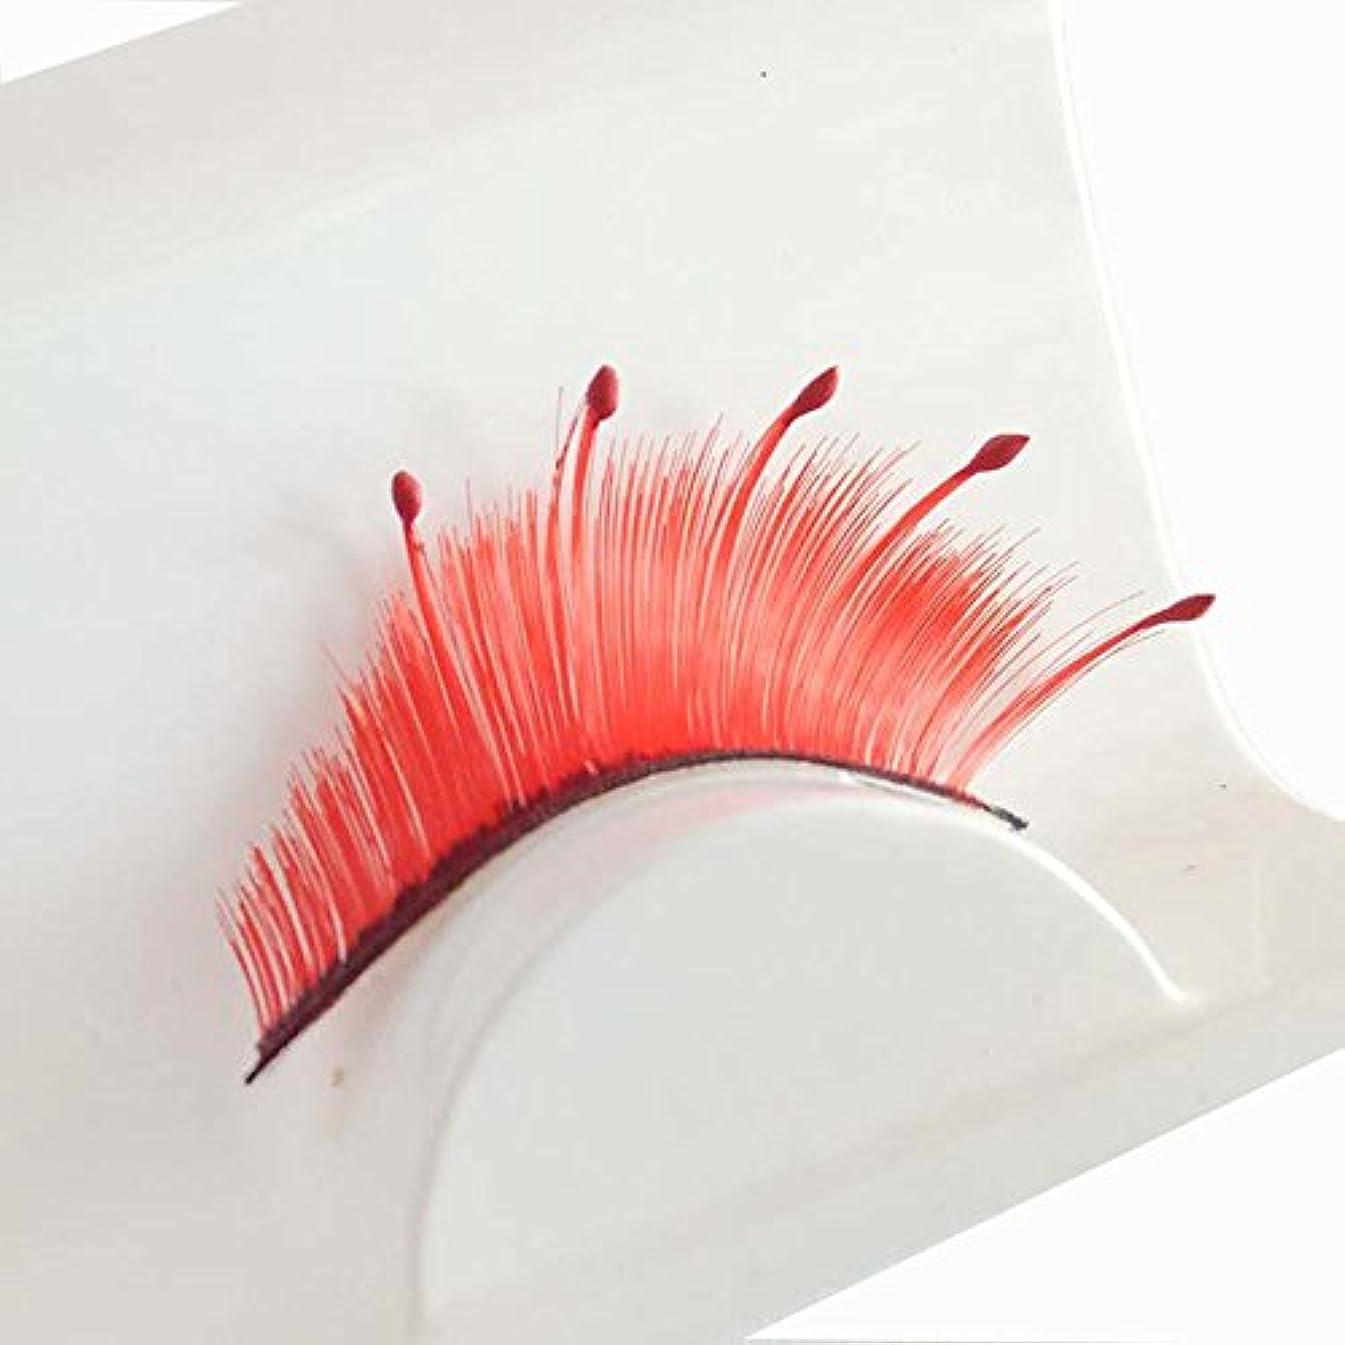 ずらす前奏曲破裂組の女性のハロウィーンパーティー党メイクアップアート赤い波つけまつげ